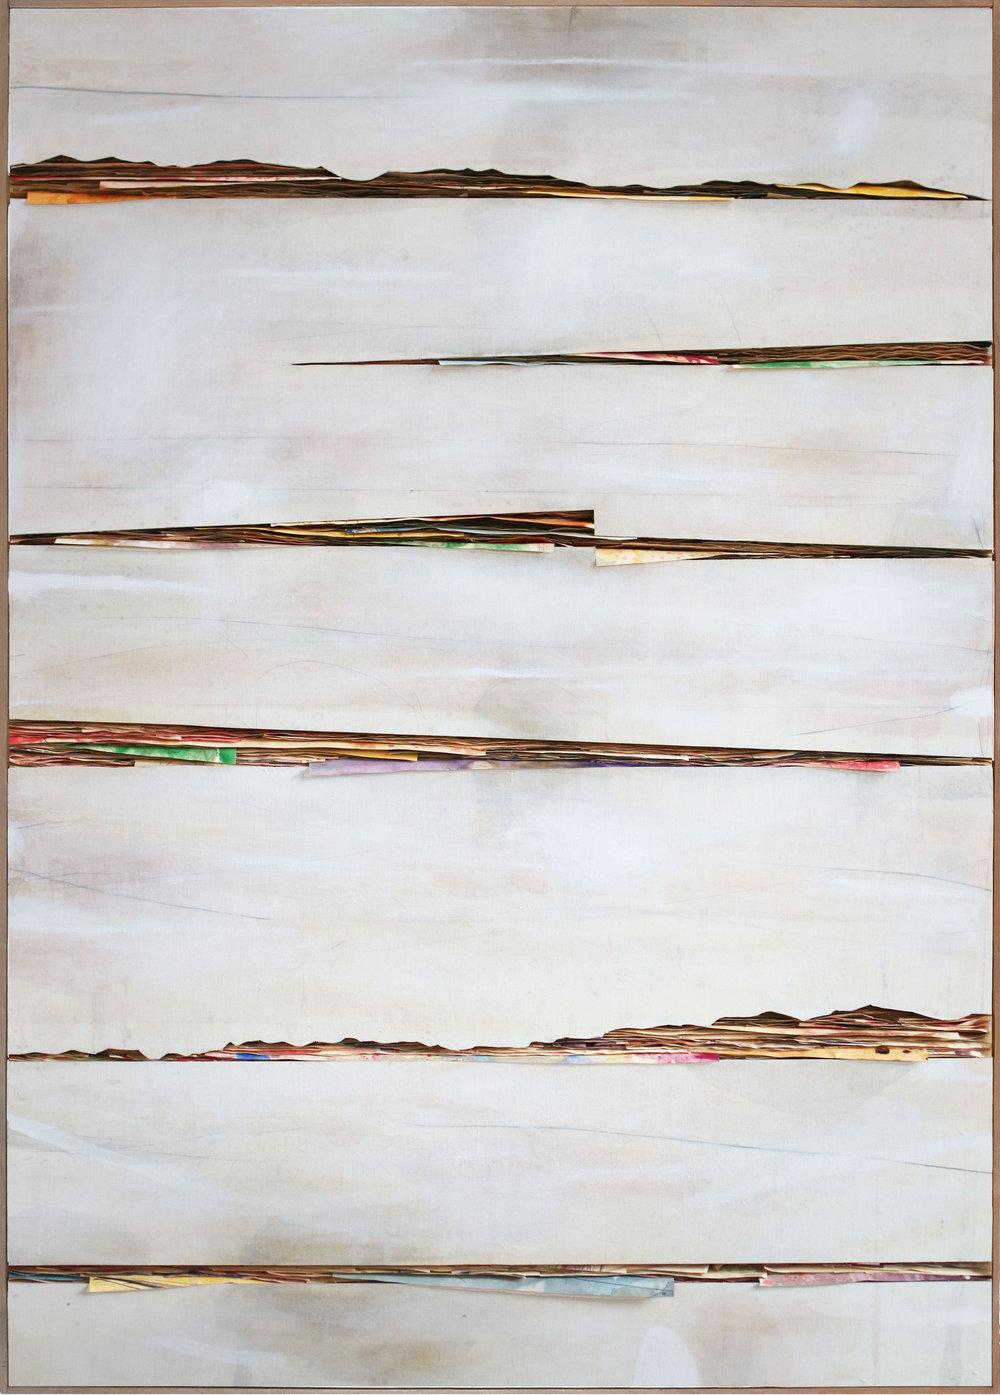 Senza titolo 2018,  tecnica mista su carta e tela incollata su legno, cm. 200 x  140